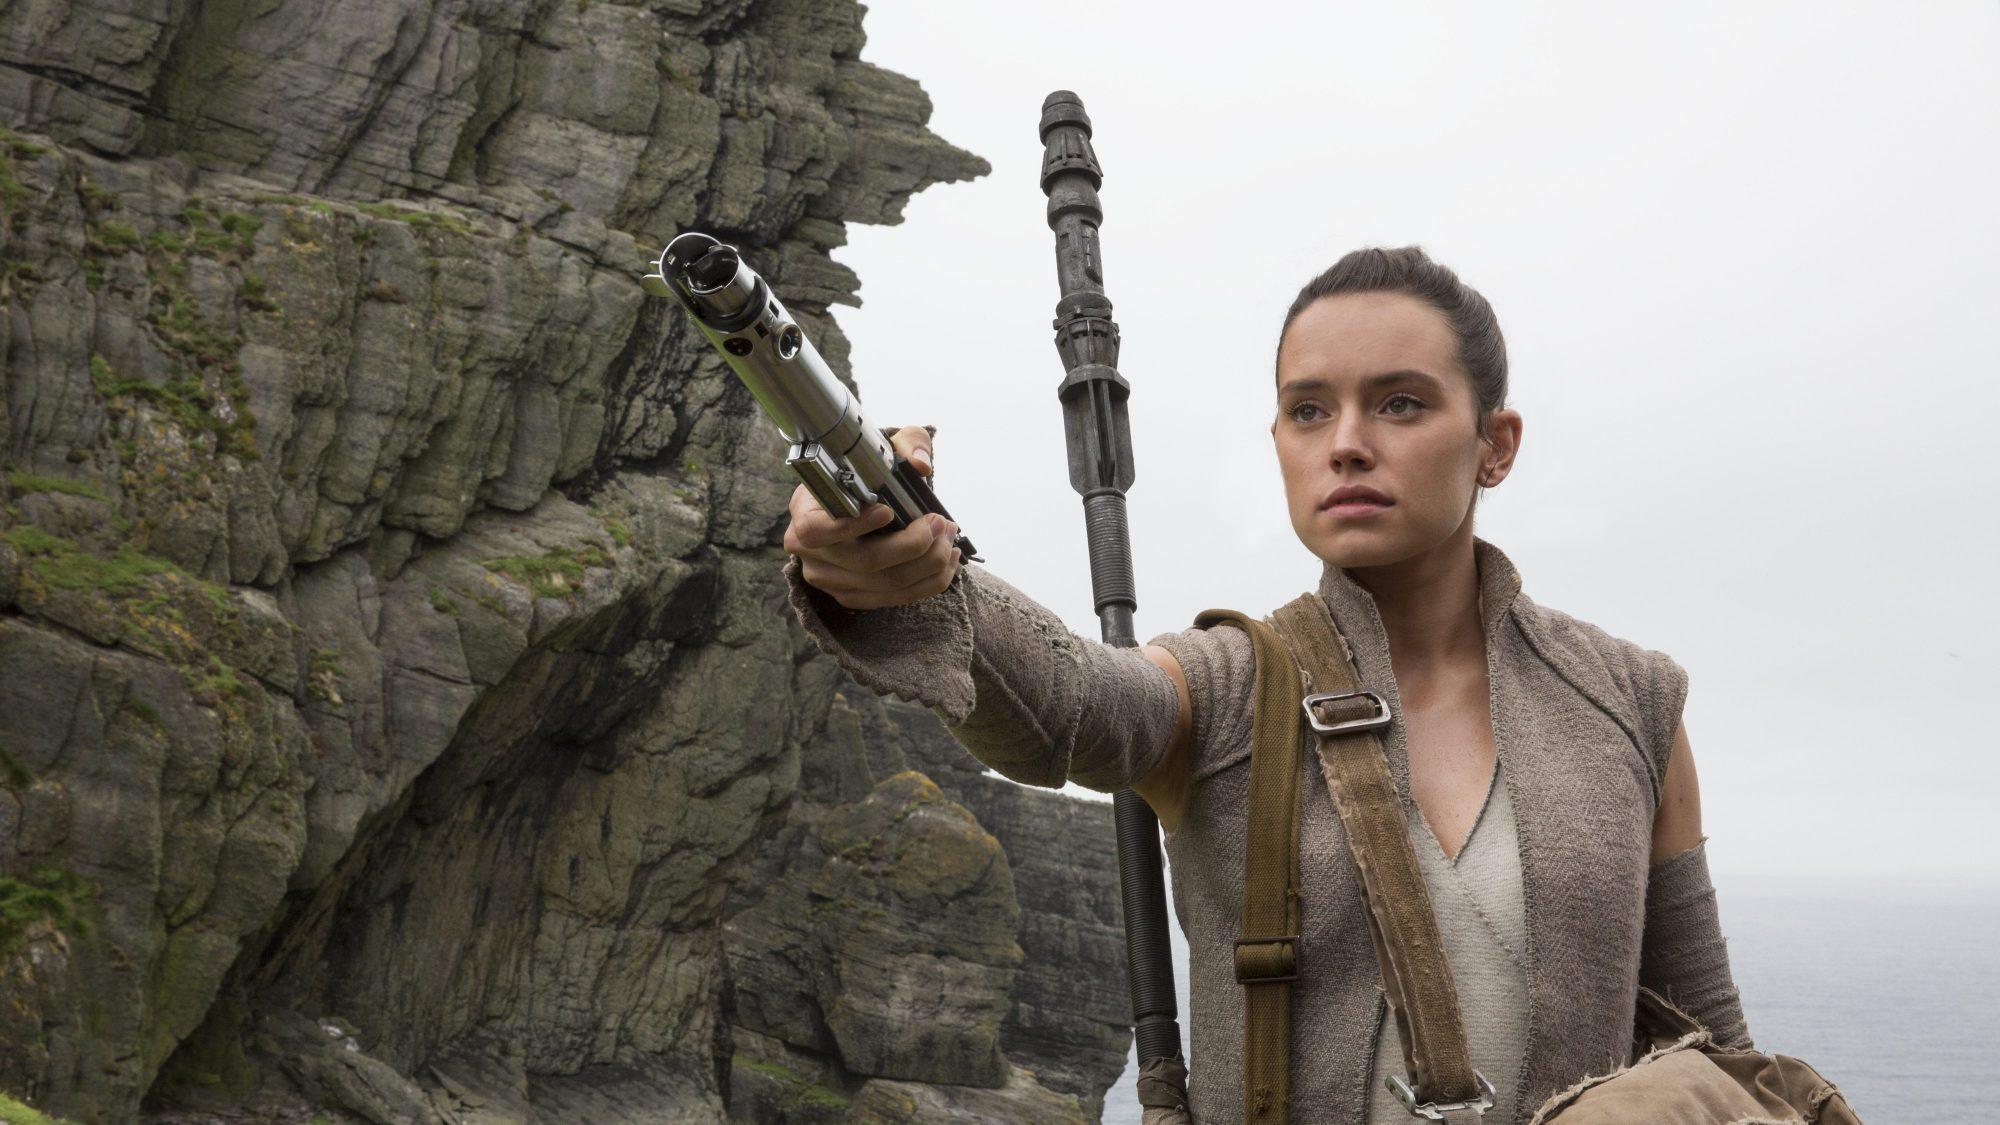 Rey In Star Wars 8 The Last Jedi Wallpaper Hd Movies 4k